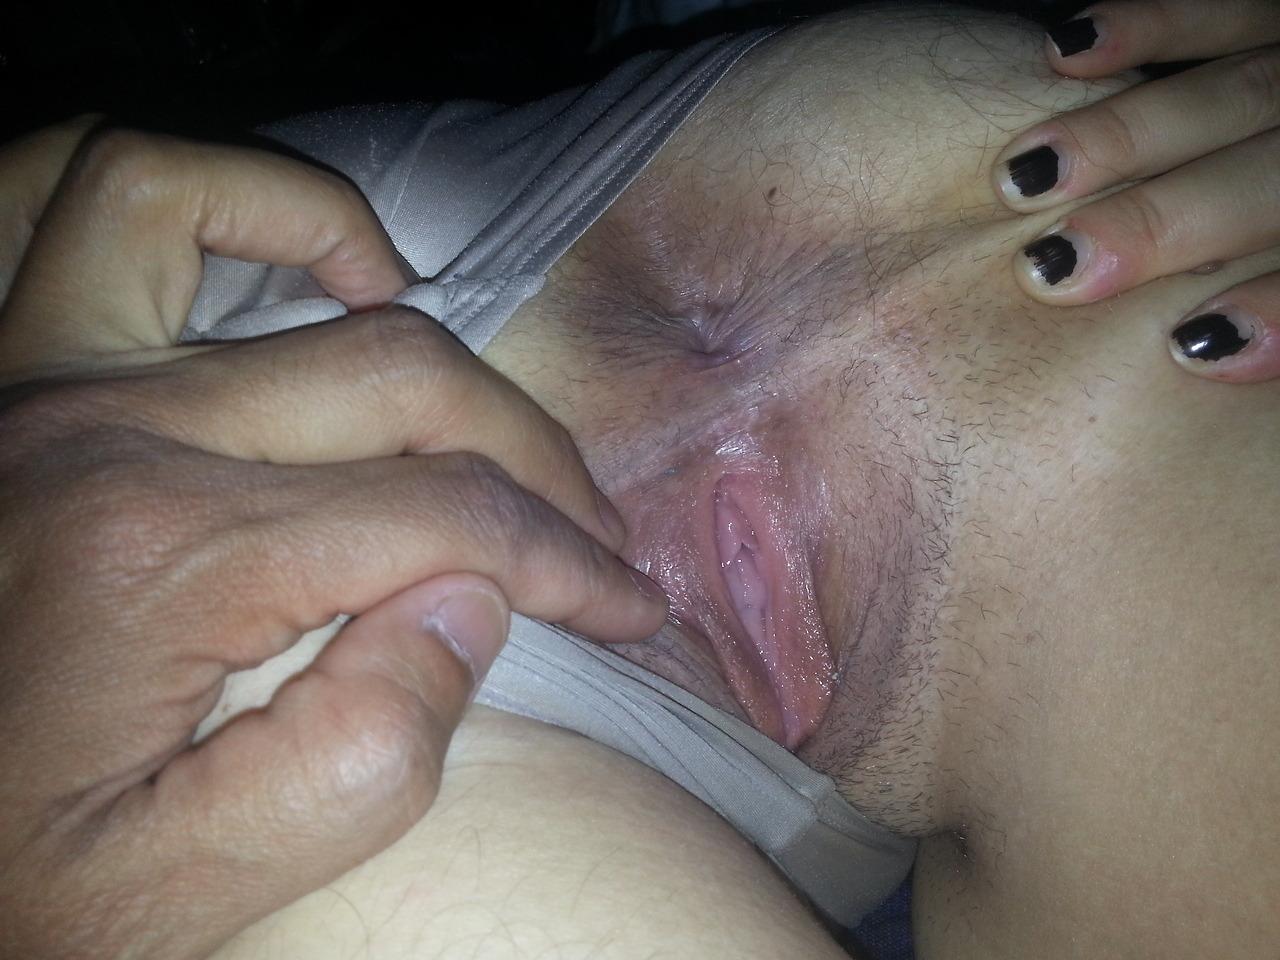 svensk porr 2017